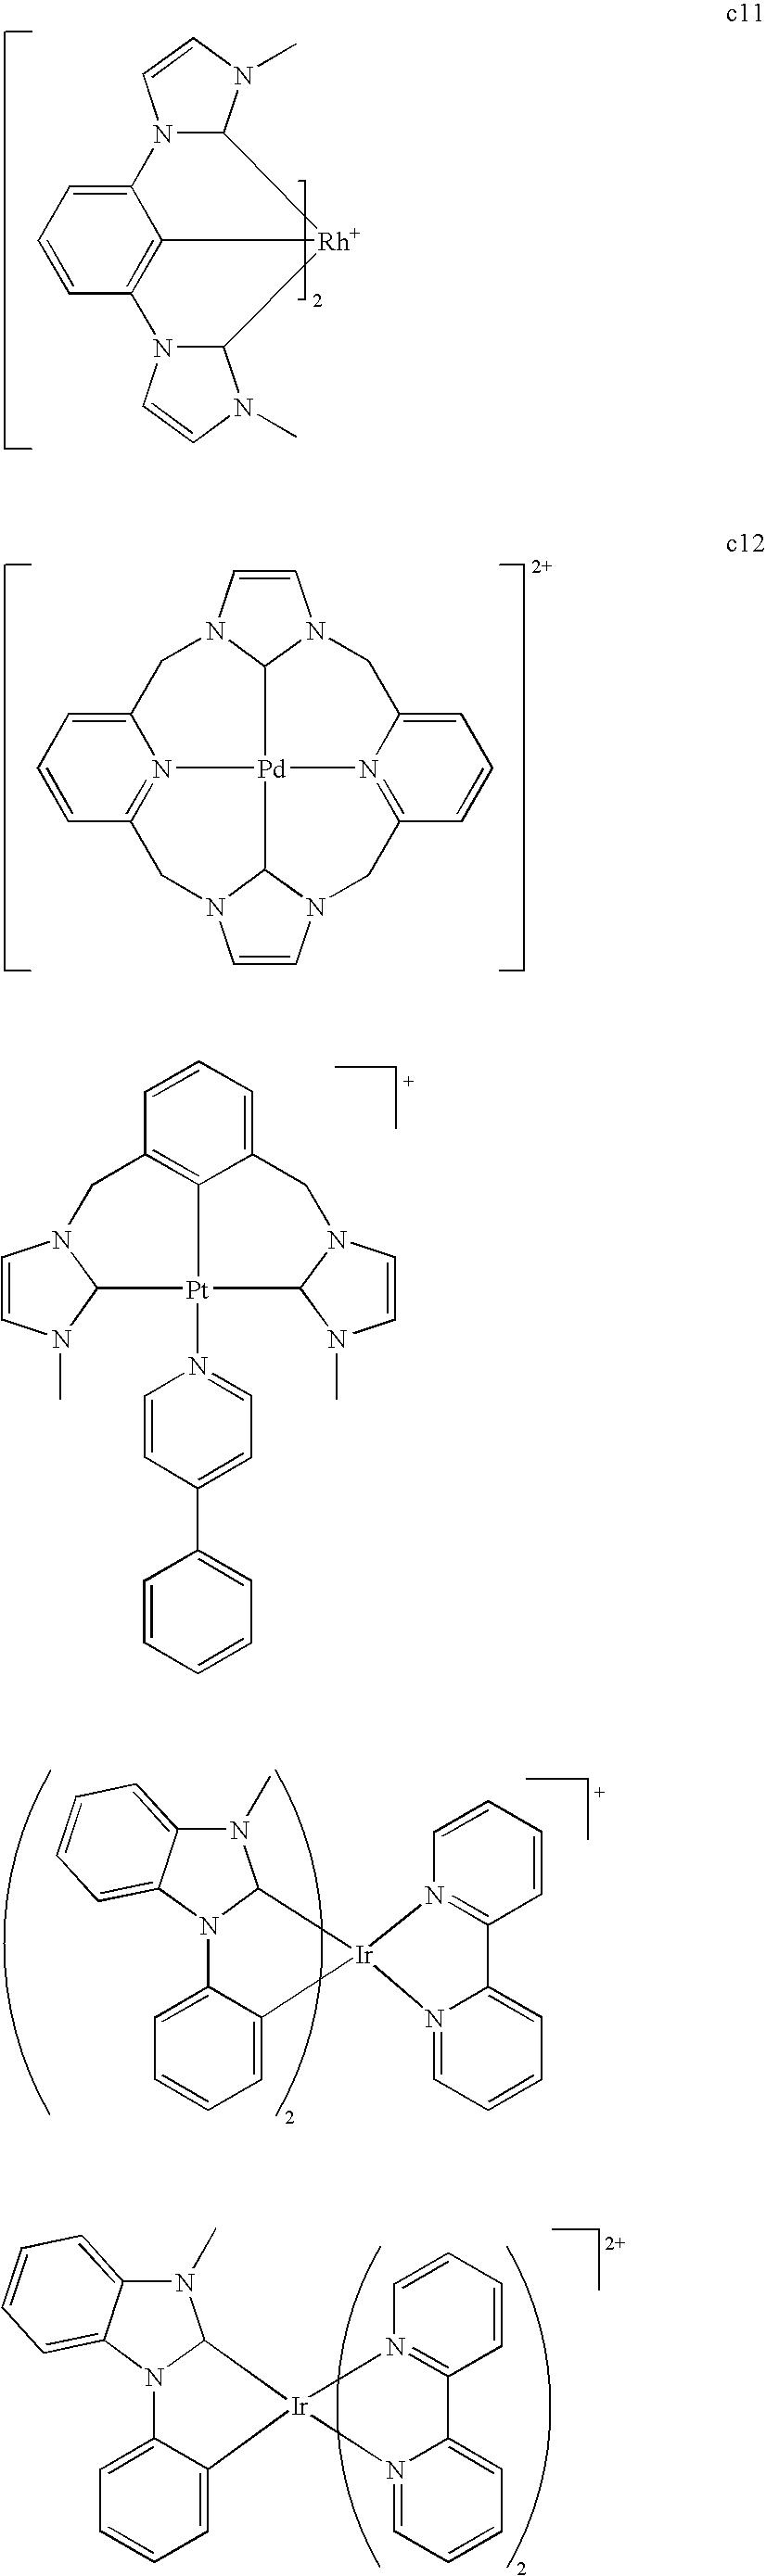 Figure US07445855-20081104-C00340